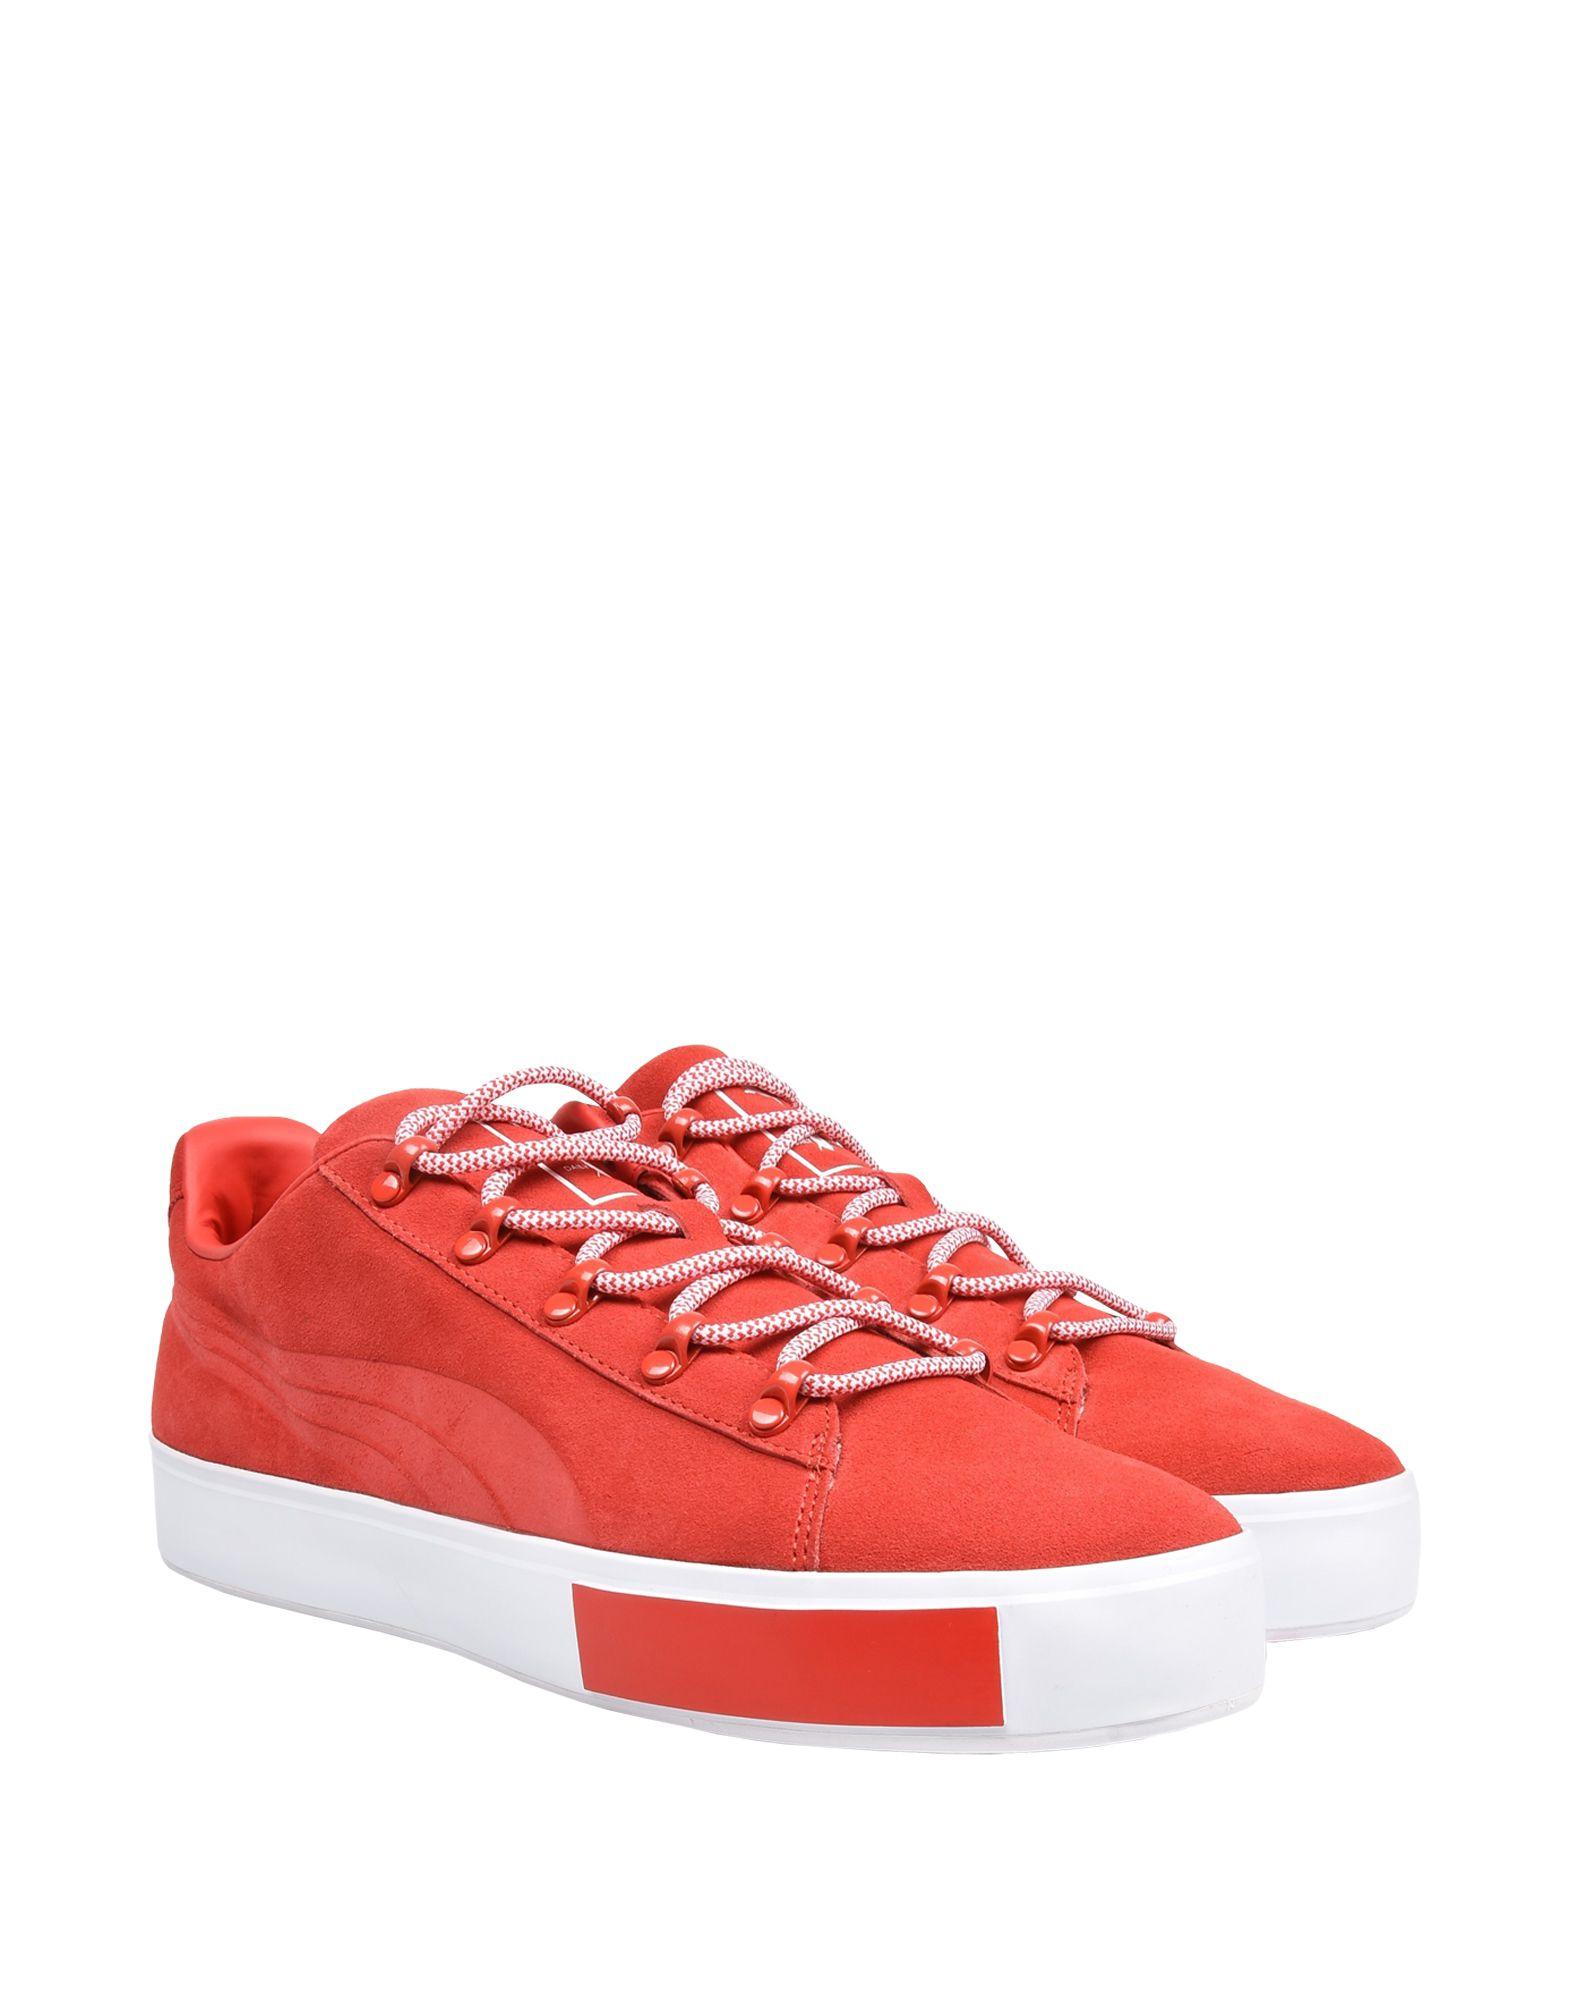 Sneakers Puma X Daily Paper Puma X Dp Court Platform L - Homme - Sneakers Puma X Daily Paper sur